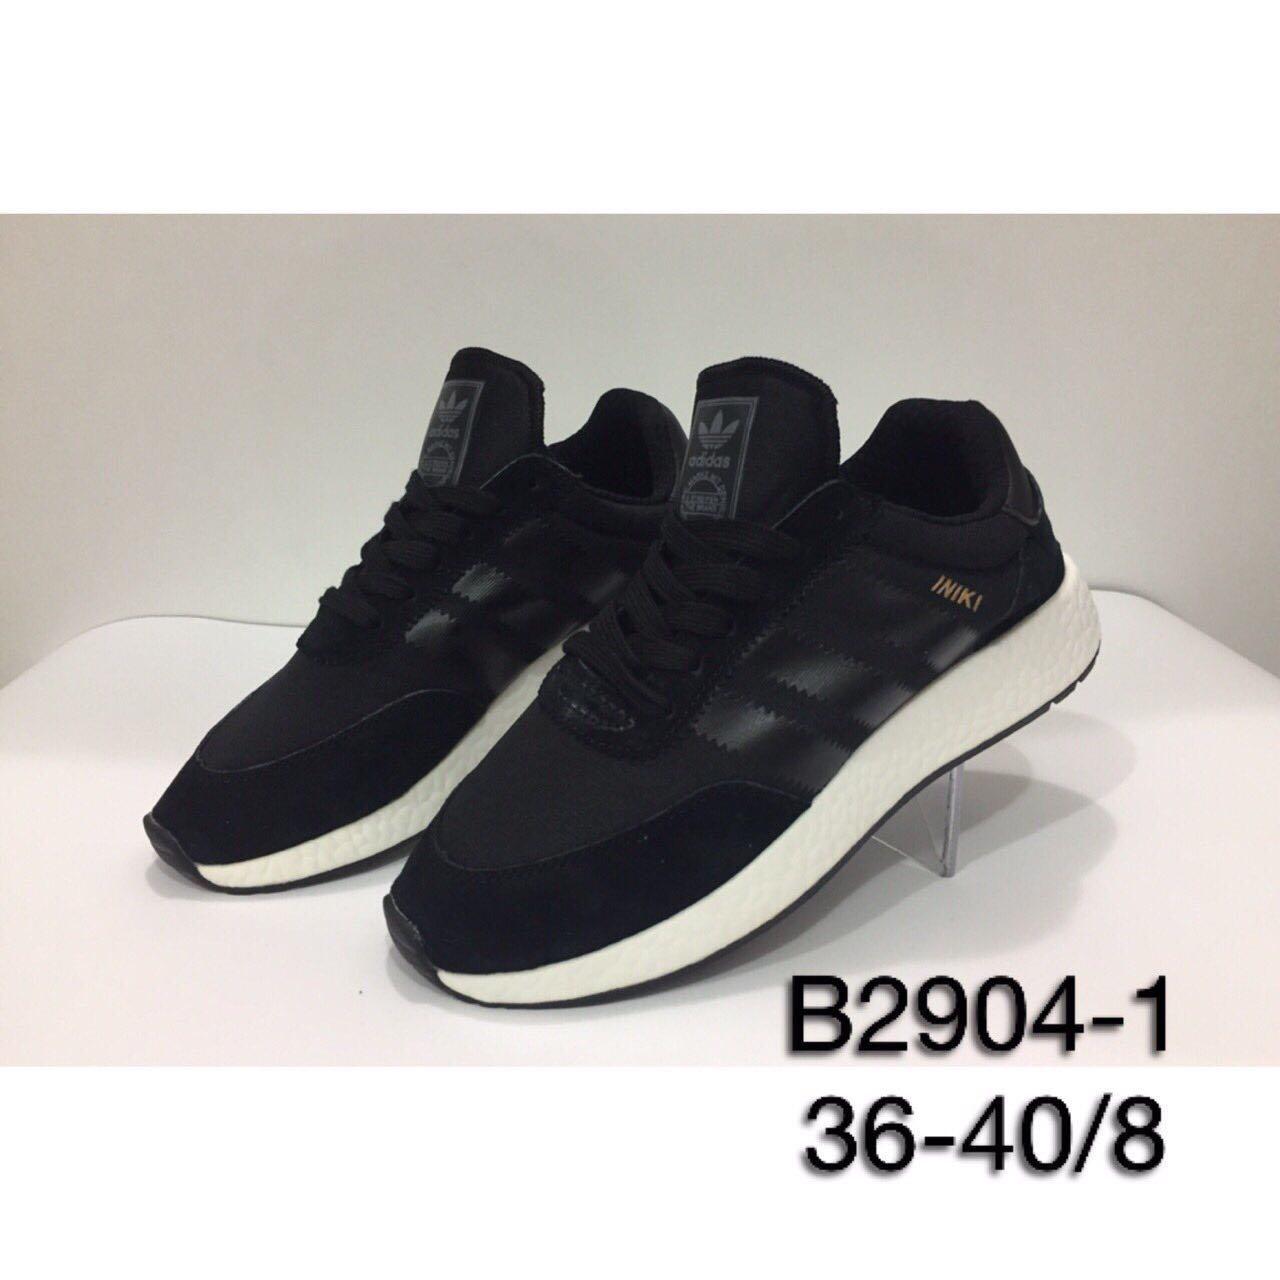 Подростковые кроссовки оптом Adidas Iniki Runner лицензия (36-40)